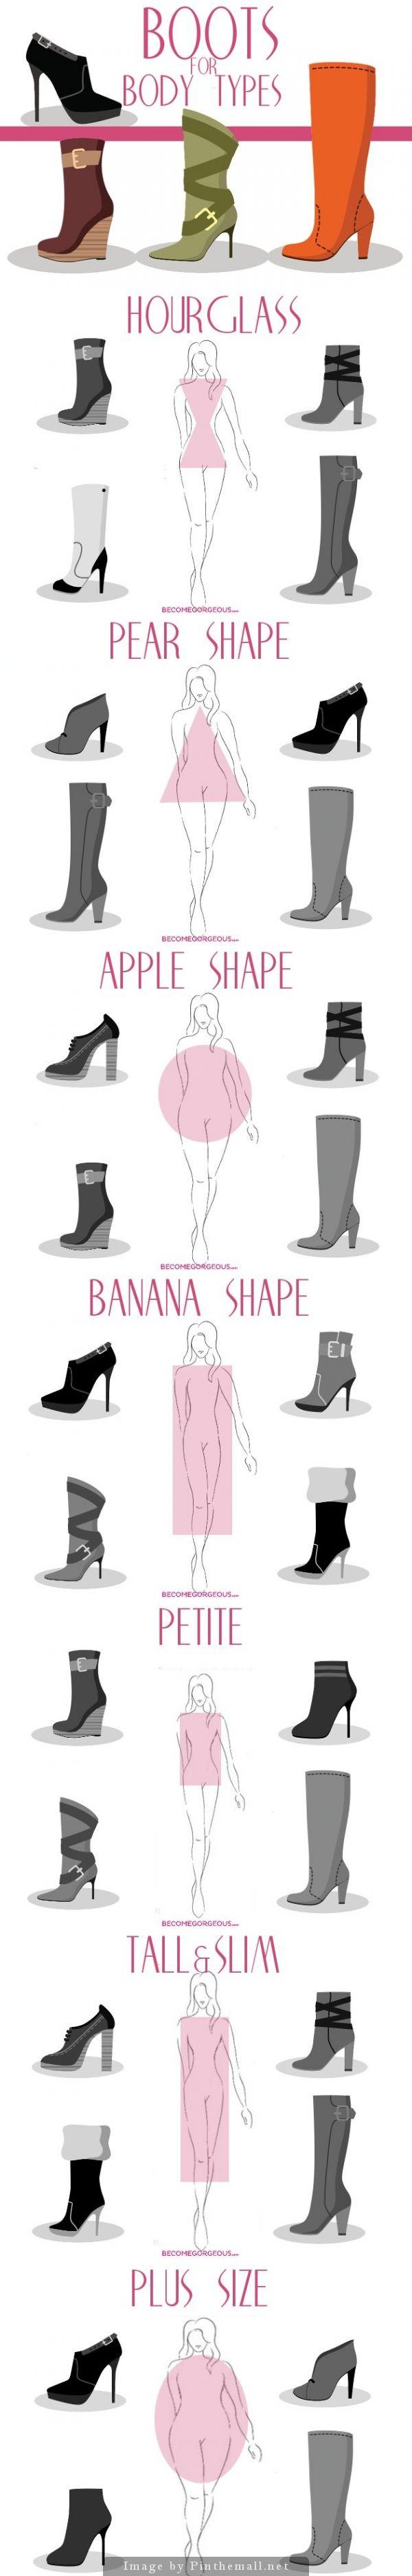 El otoño esta aqui, elige las botas de acuerdoa tu tipo de silueta. #boots #shape #fall